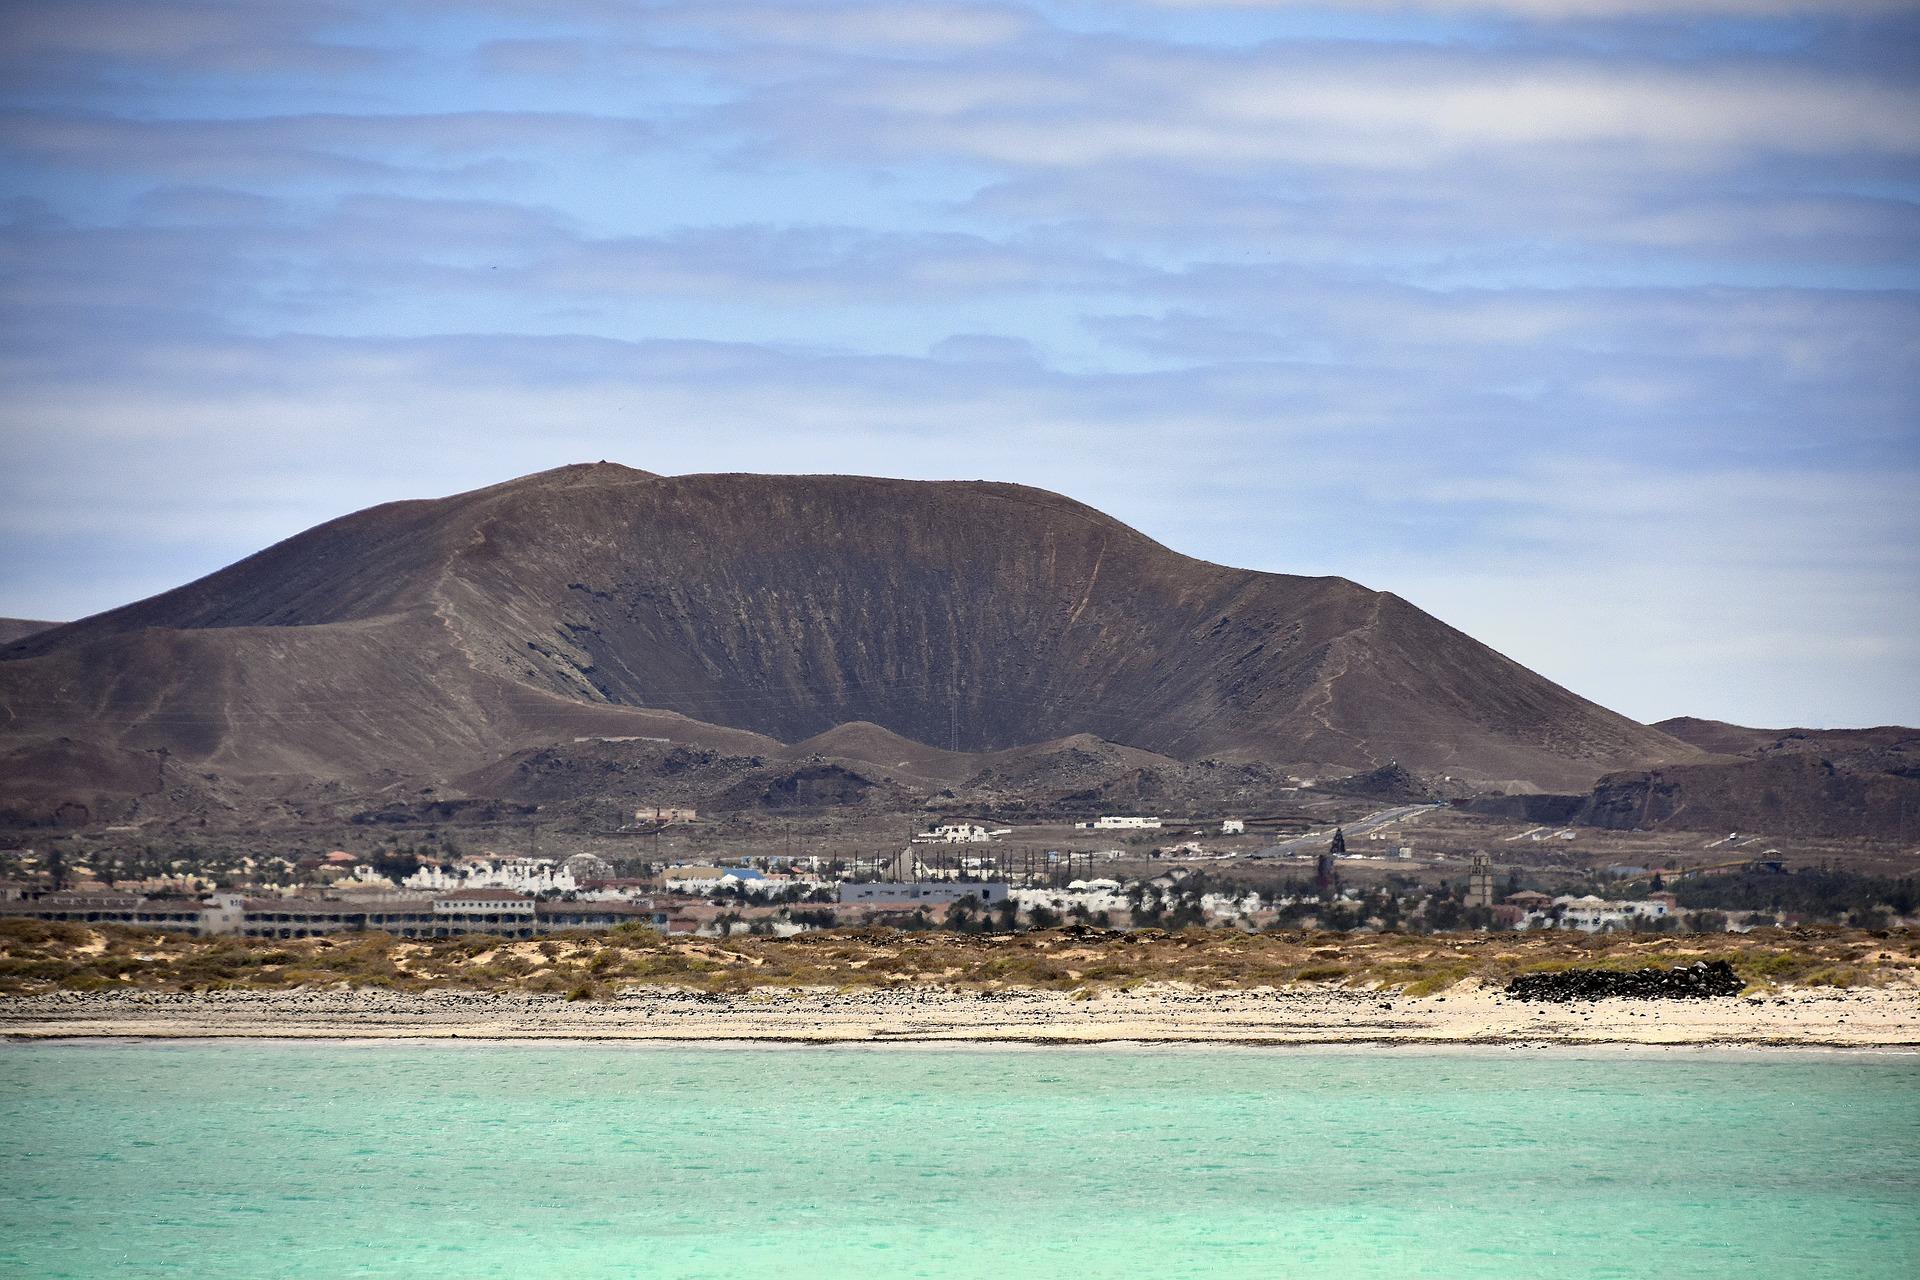 Eine Vulkanlandschaft & Wüste hat sich perfekt im atlantischen Ozean als ein Urlaubsparadies entwickelt